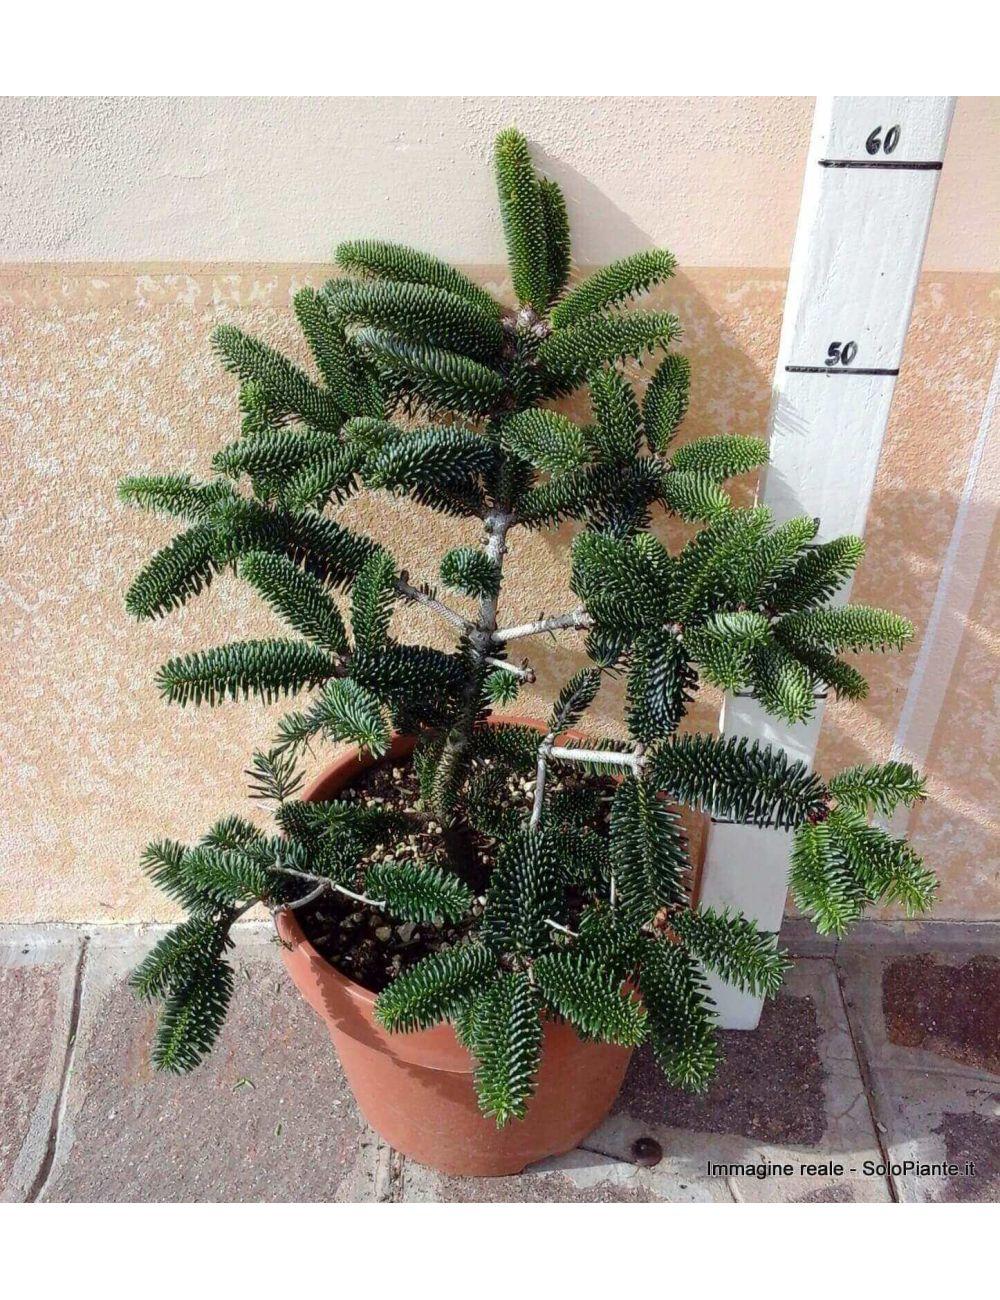 Abete d'Algeria (Abies Numidica)